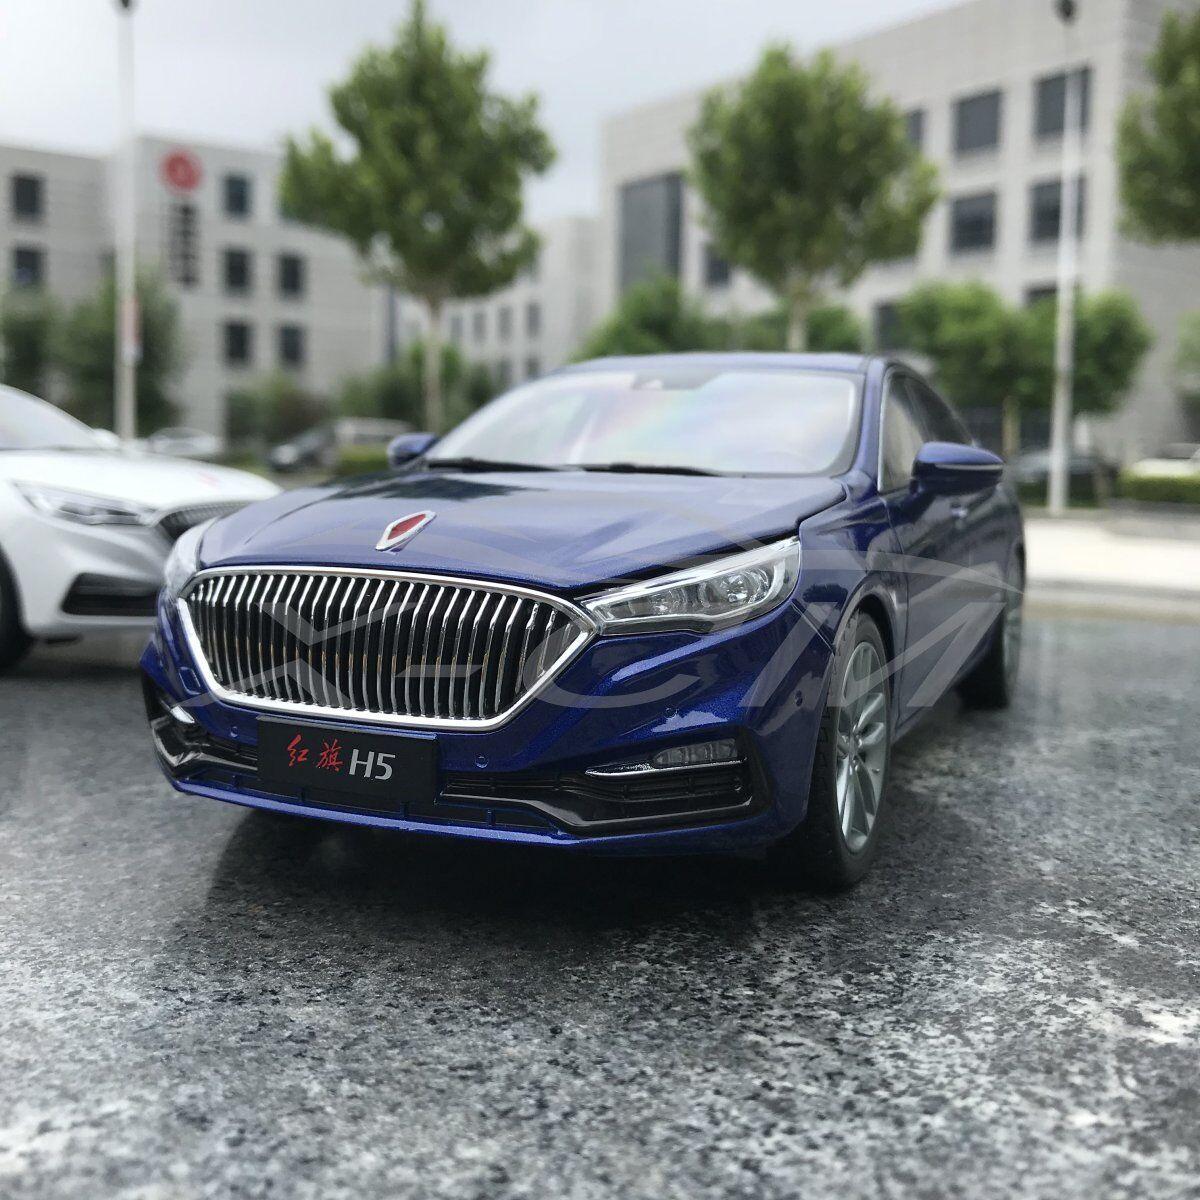 Modello Diecast Auto 1 18 HONGQI H5 (blu) + REGALO